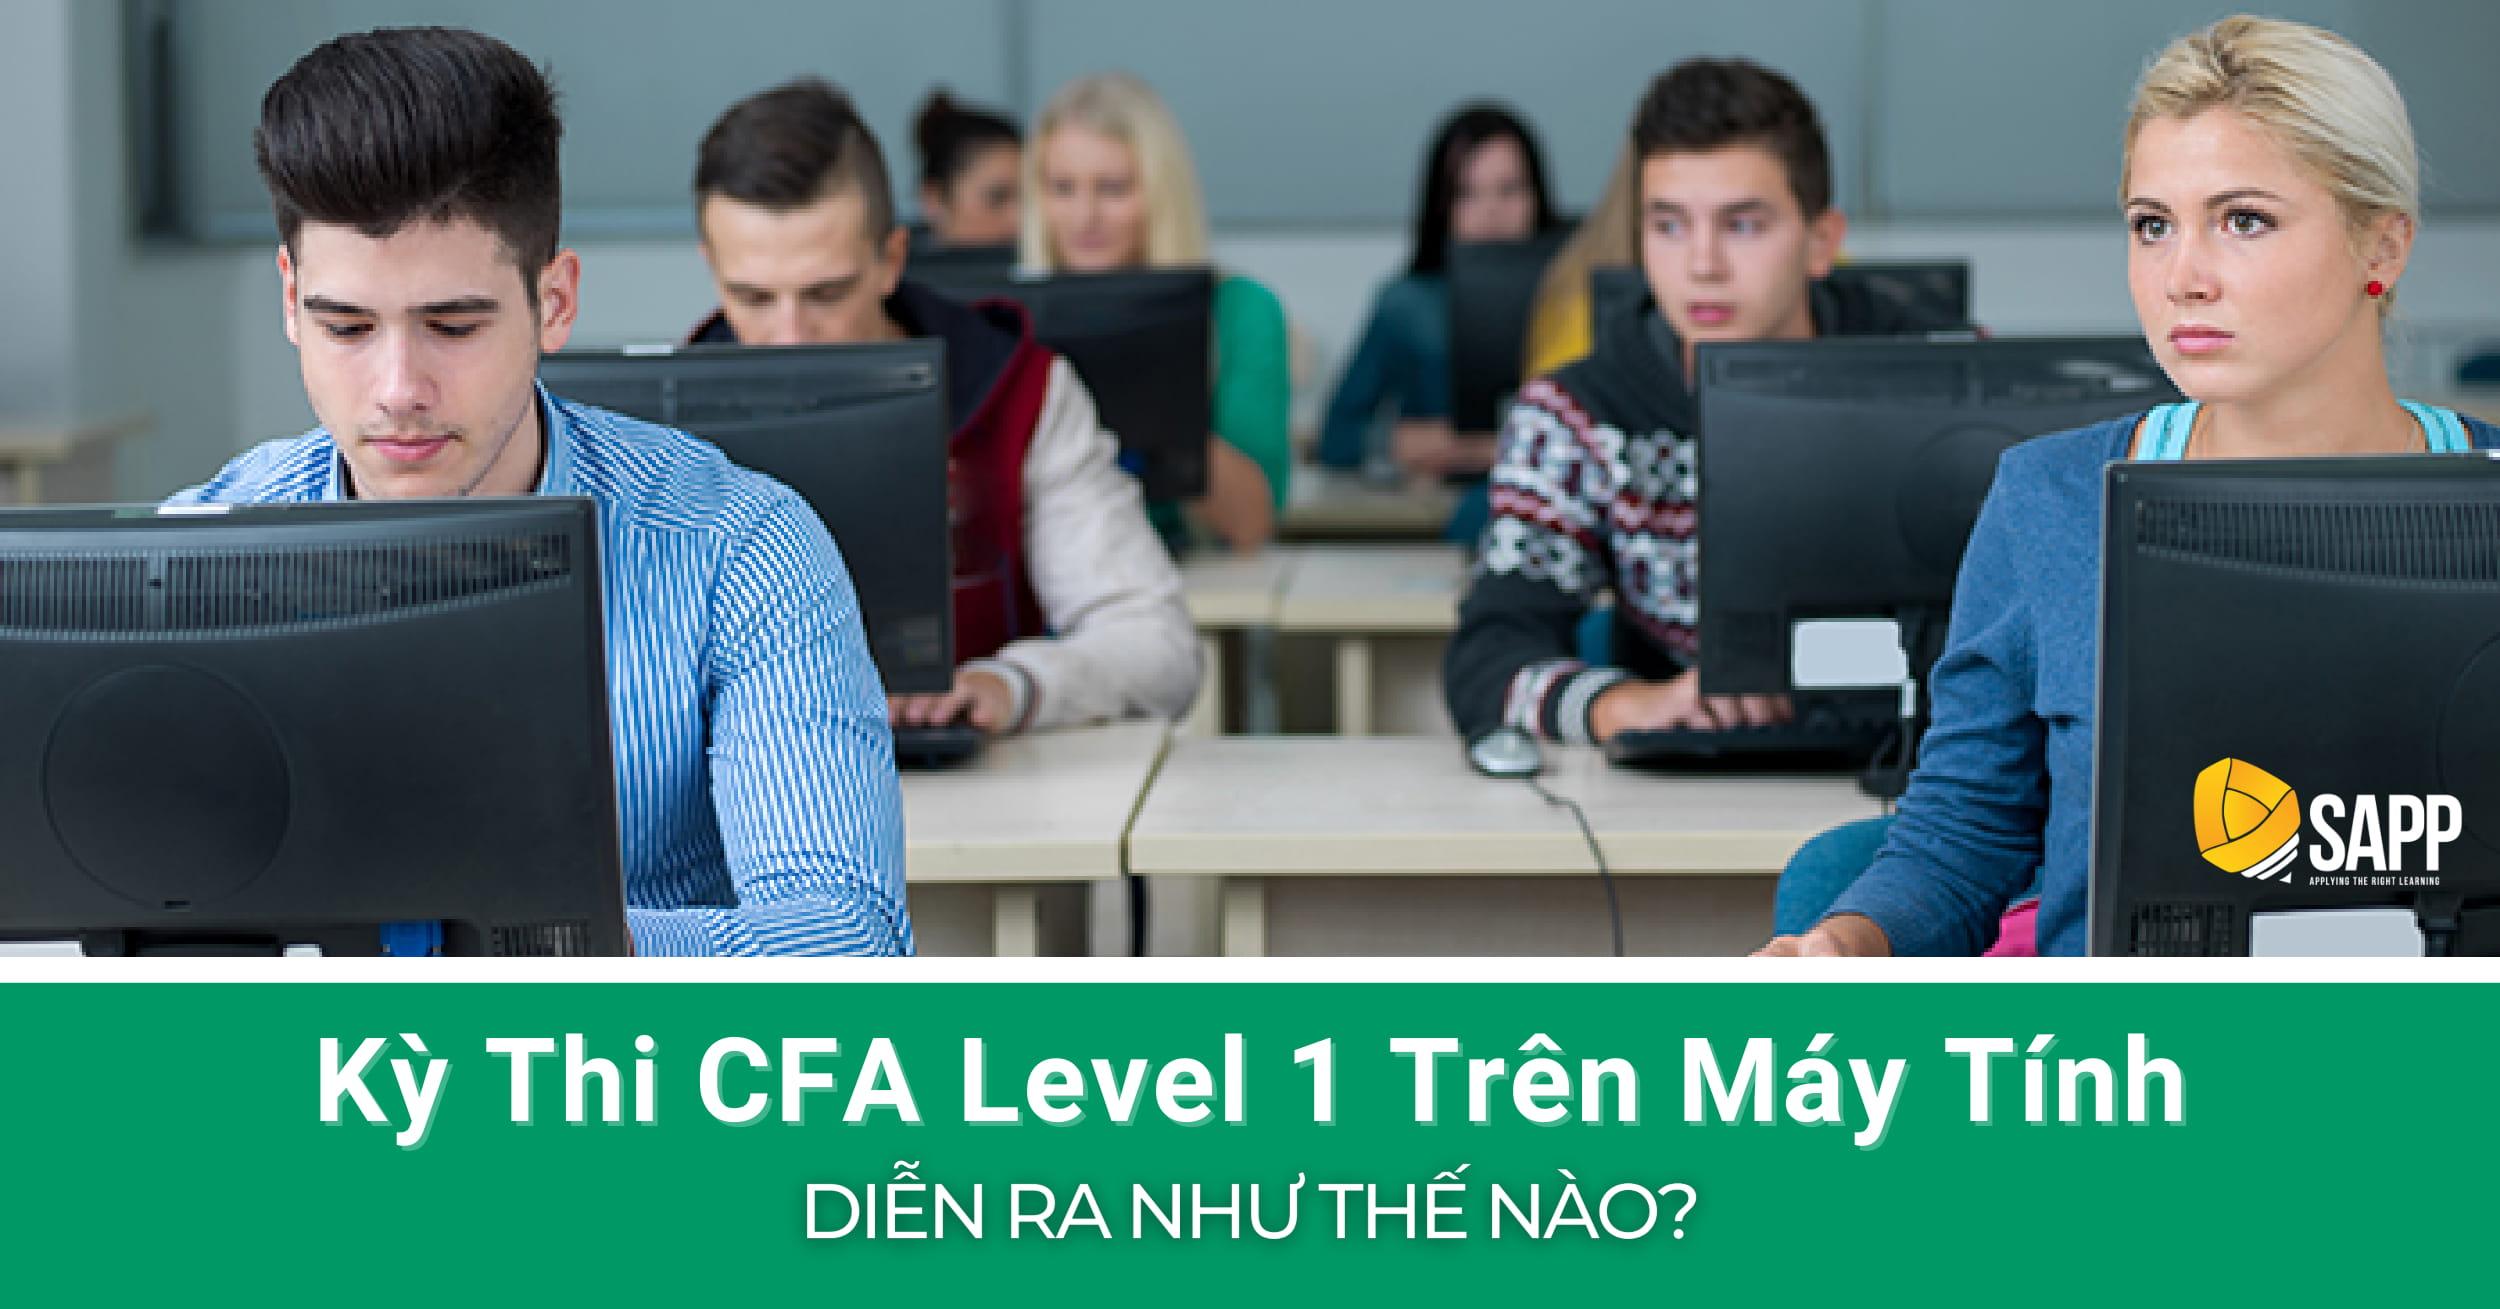 Kỳ Thi CFA Level 1 Trên Máy Tính Diễn Ra Như Thế Nào? - SAPP Academy